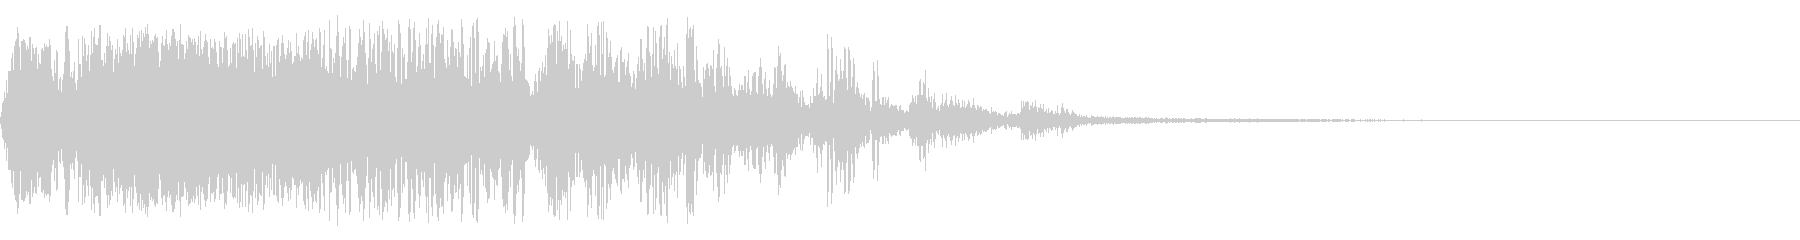 ヘビースパッターフーザザップの未再生の波形